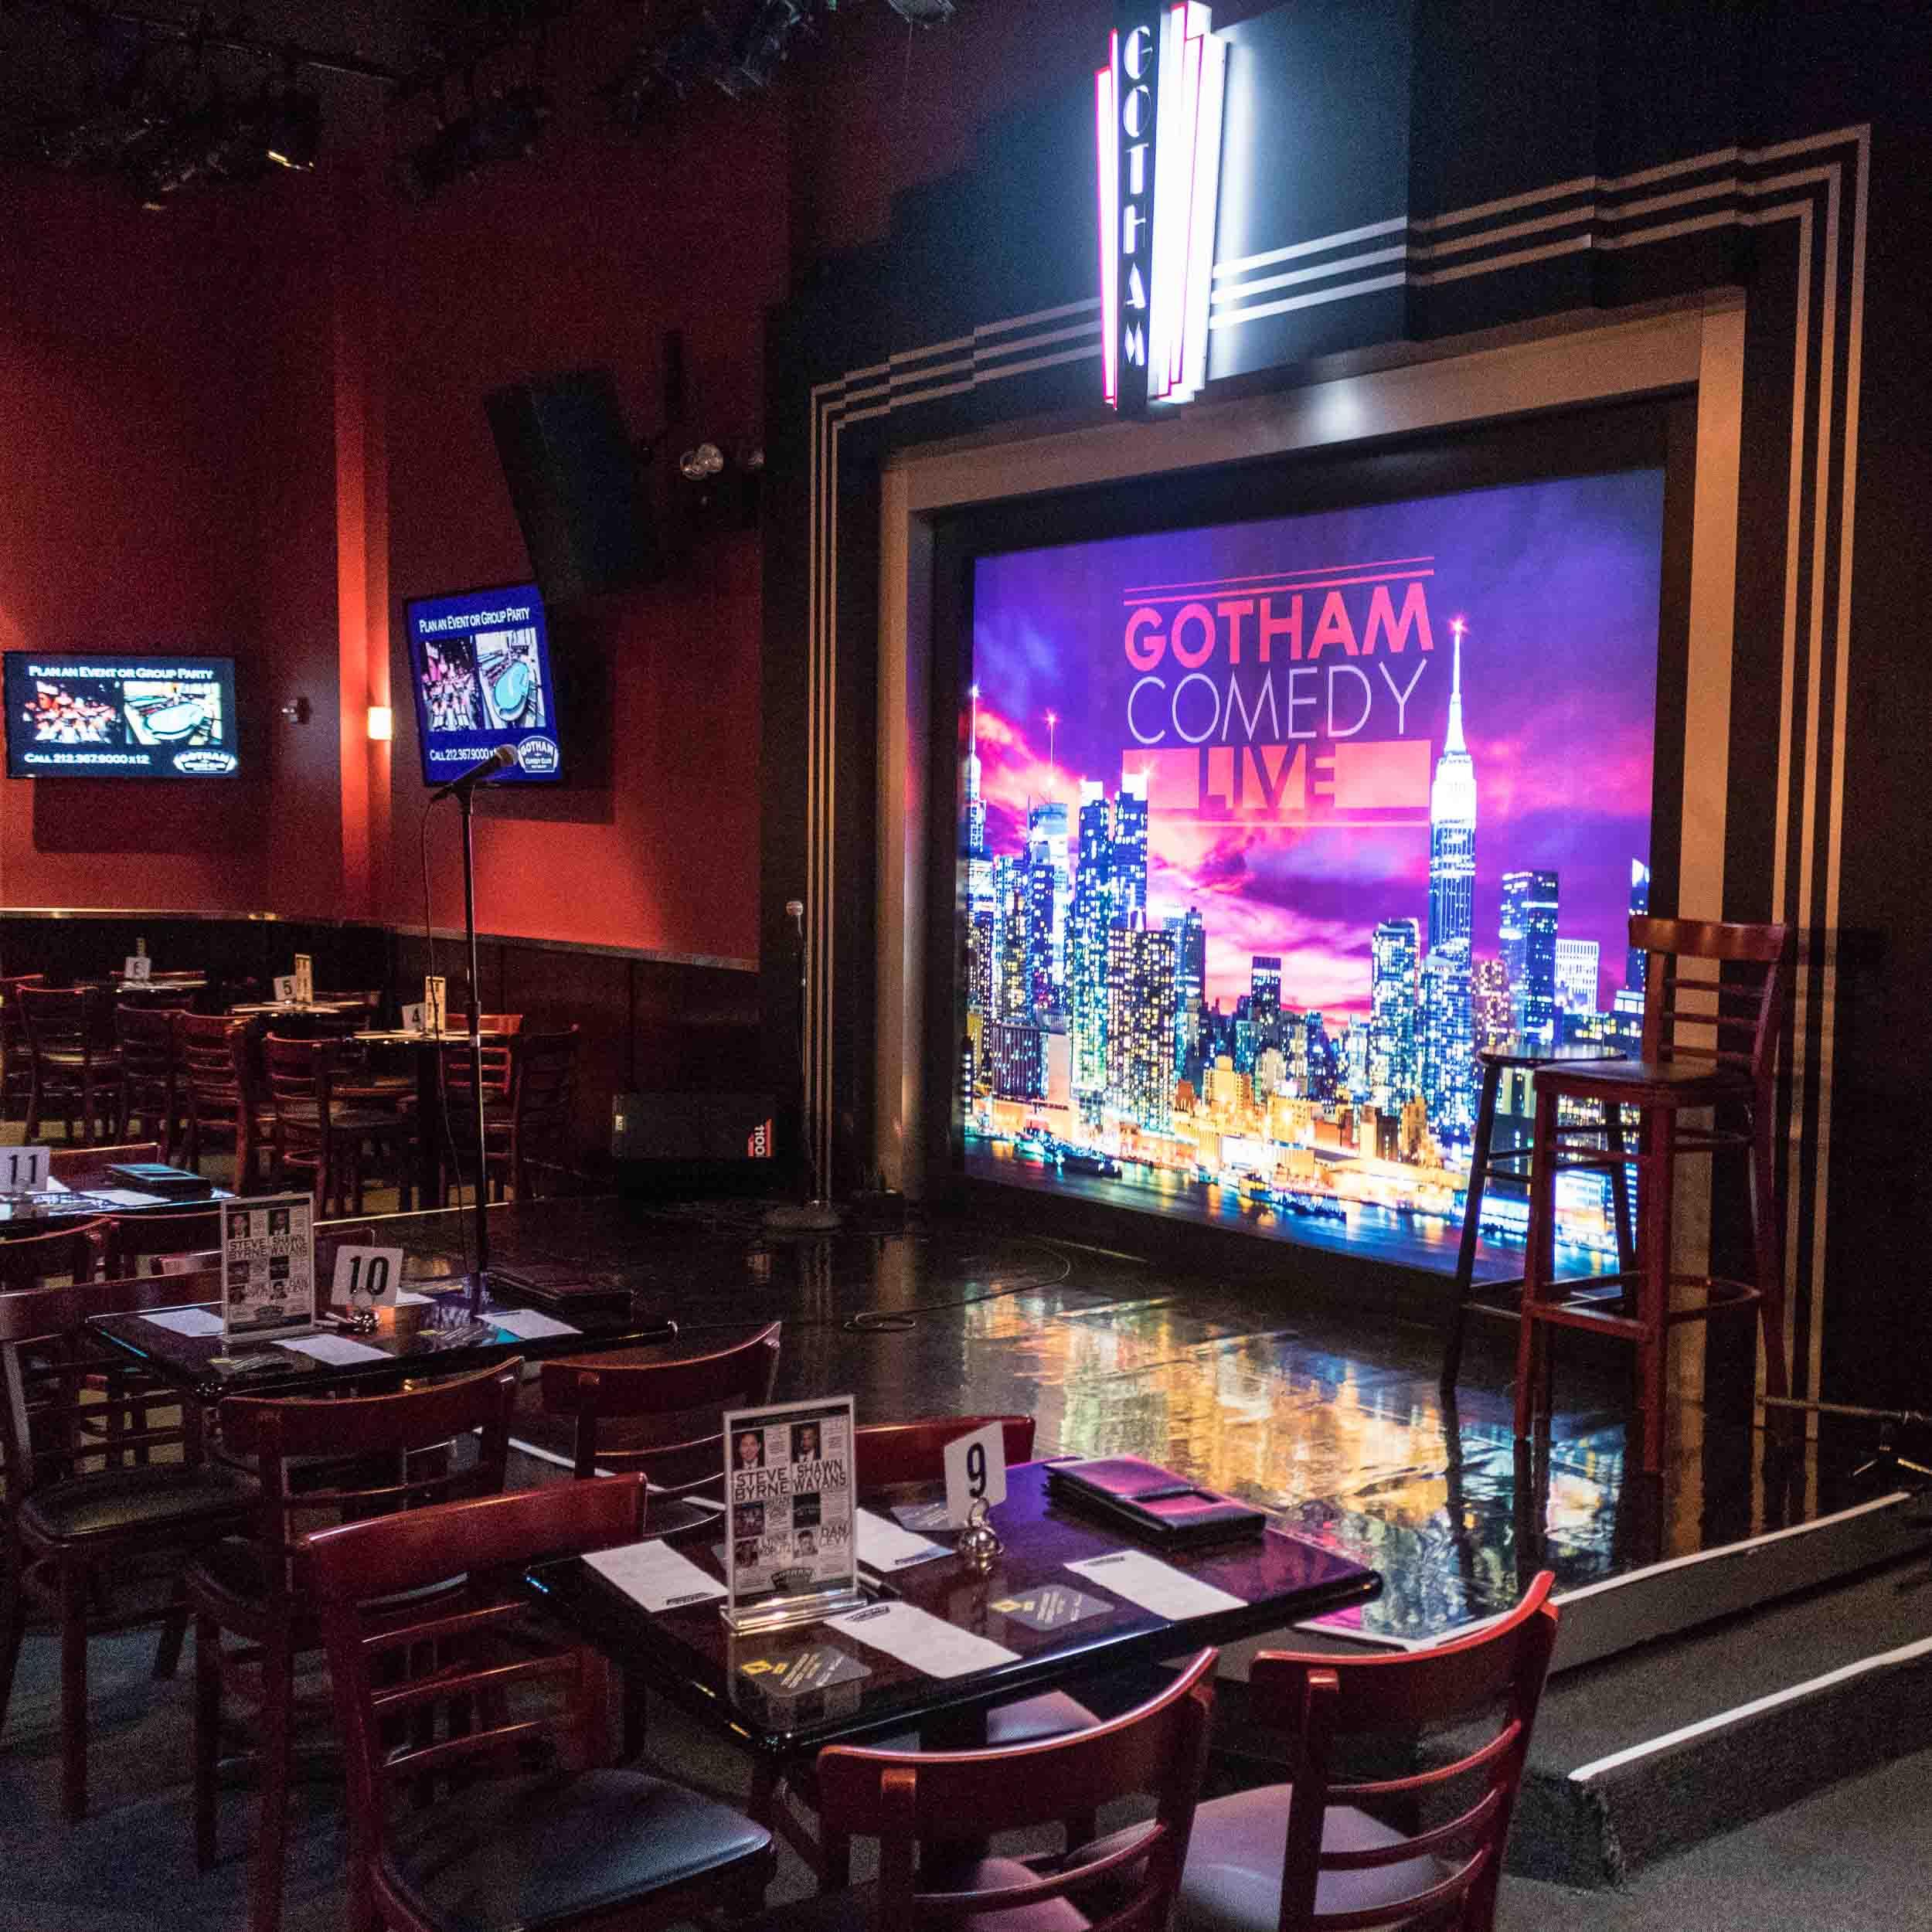 Manhattan Comedy School New Talent Shows at Gotham Comedy Club